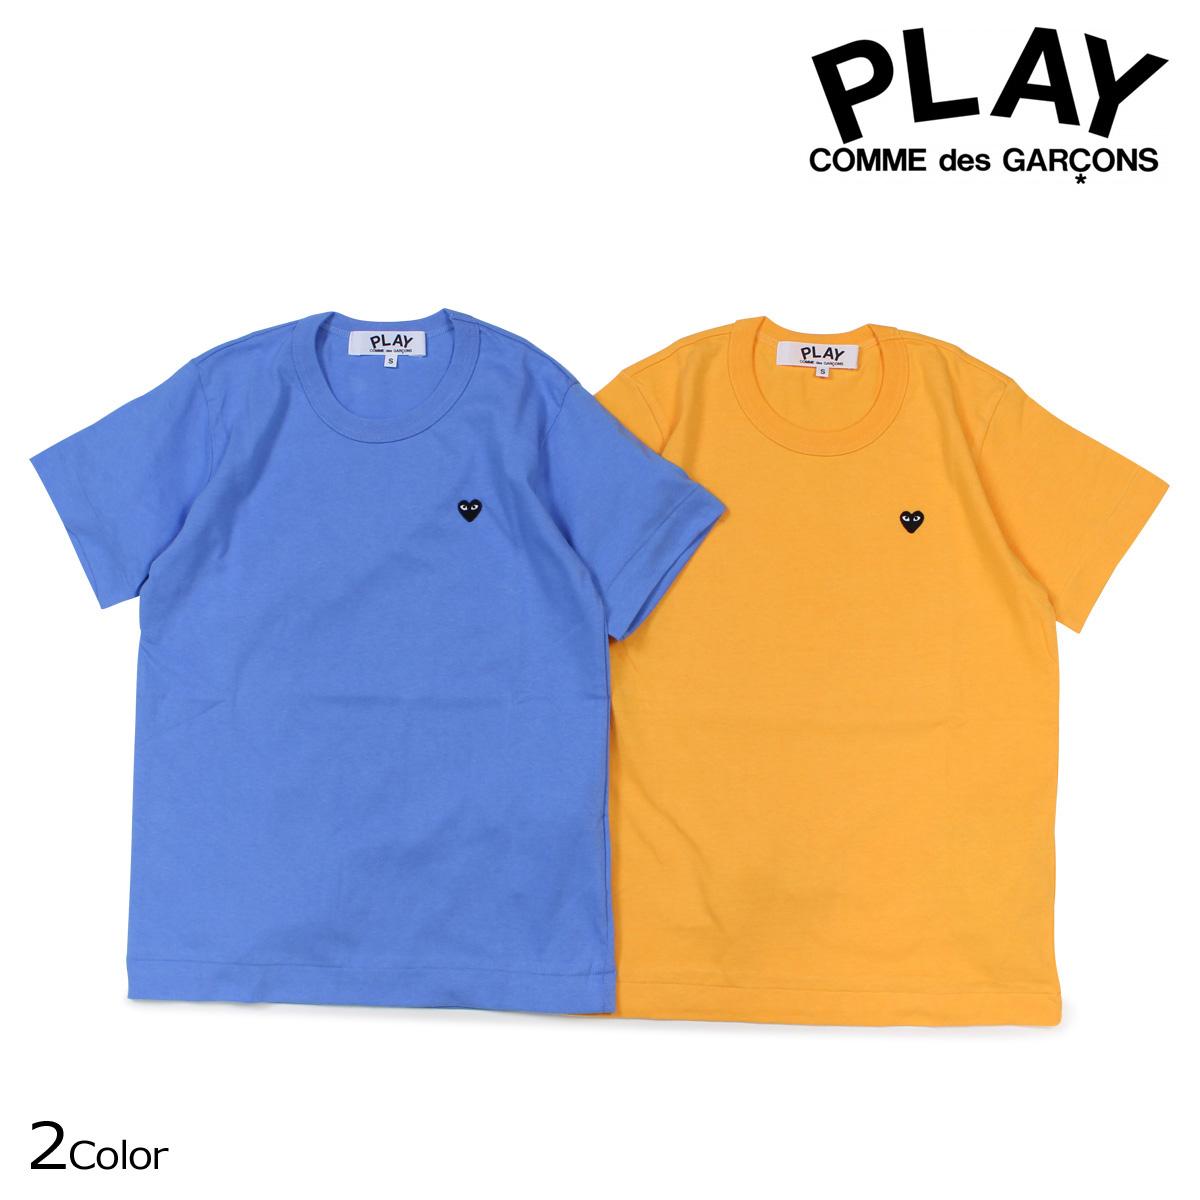 コムデギャルソン PLAY Tシャツ 半袖 COMME des GARCONS レディース BLACK HEART T-SHIRT AZ-T213 ブルー イエロー